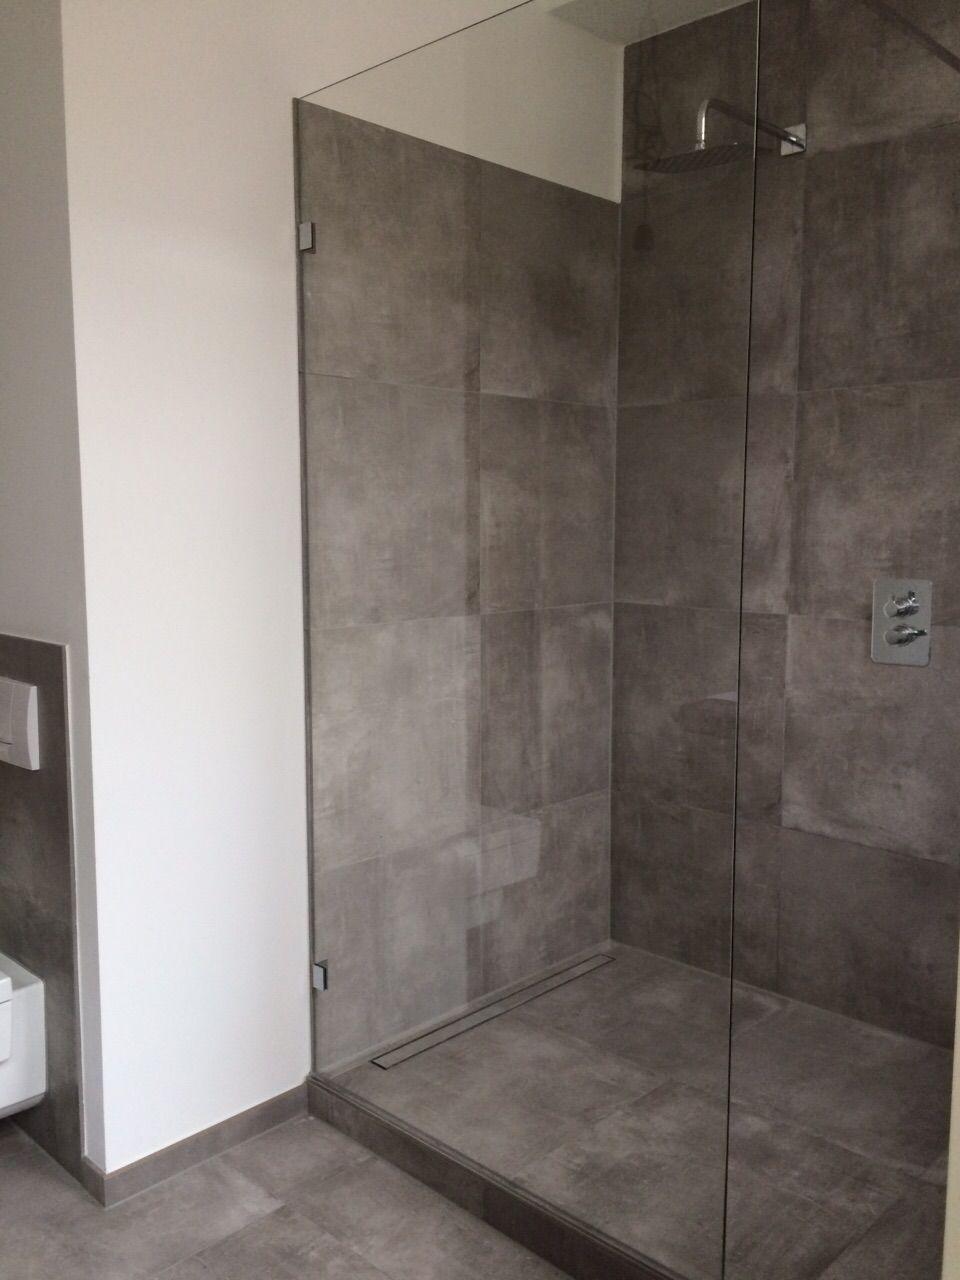 Glasdusche Seitenteil Www Glaserei Nolting De Glasduschen Badezimmer Wohnung